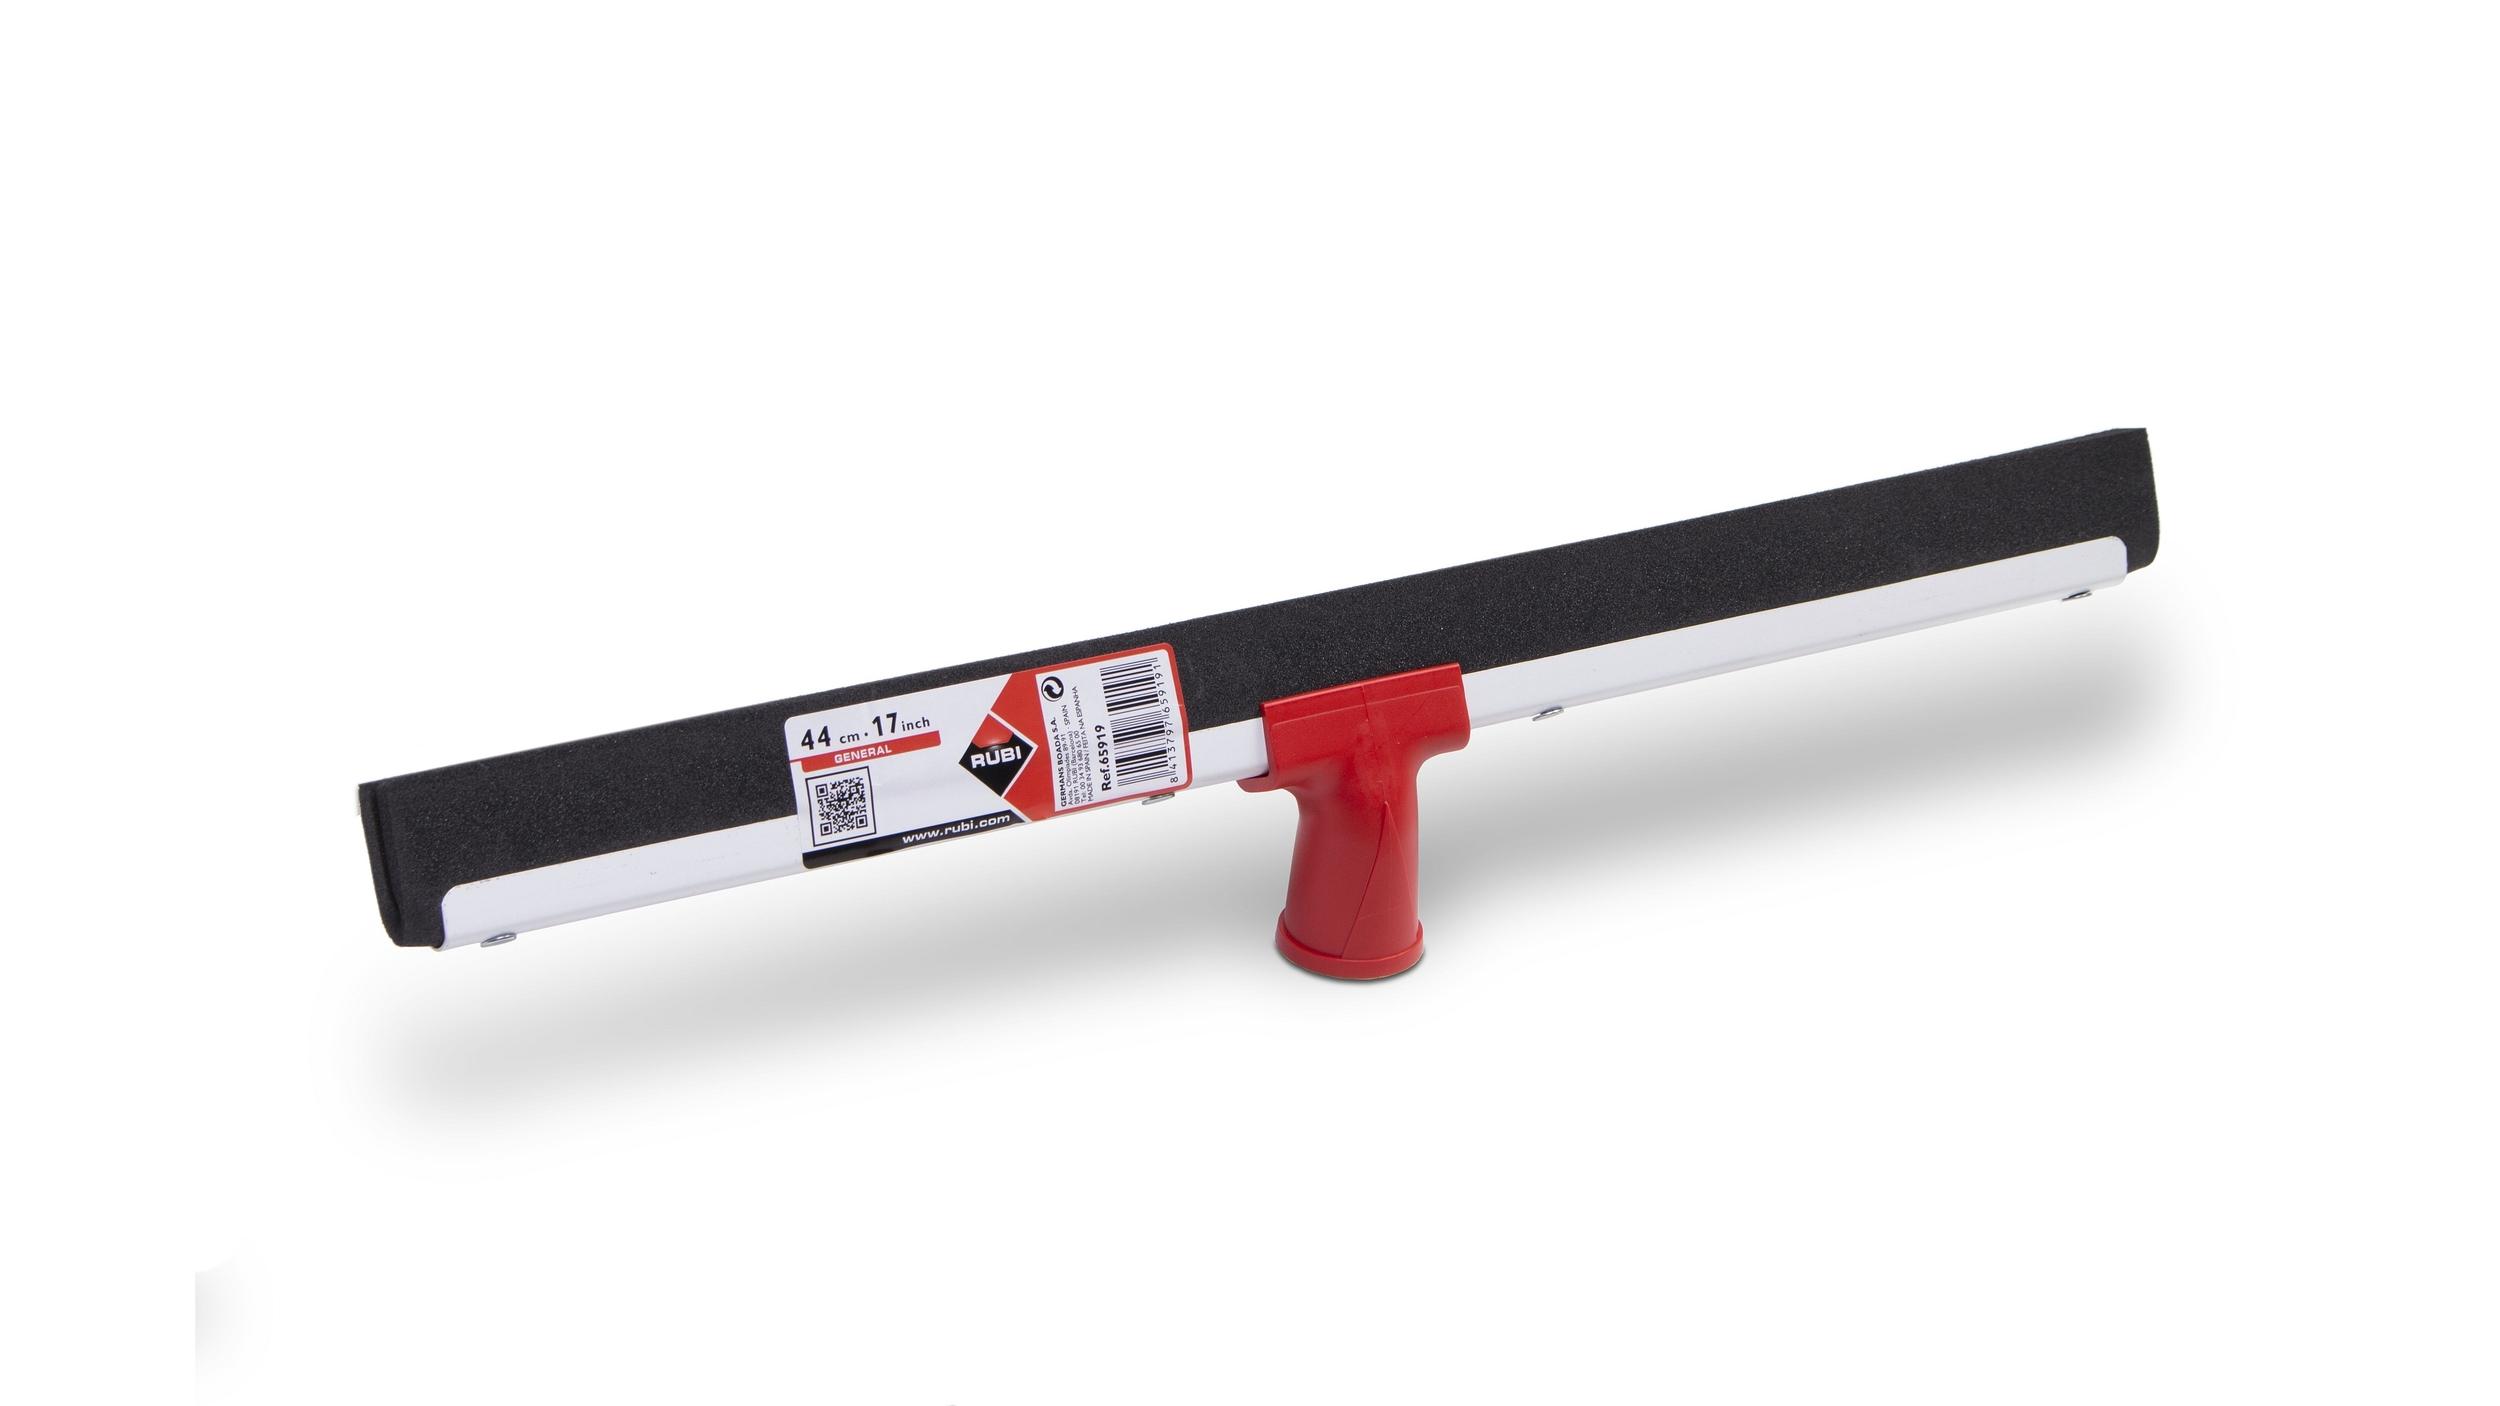 65919-spatule-44-cm-1-m-rubi